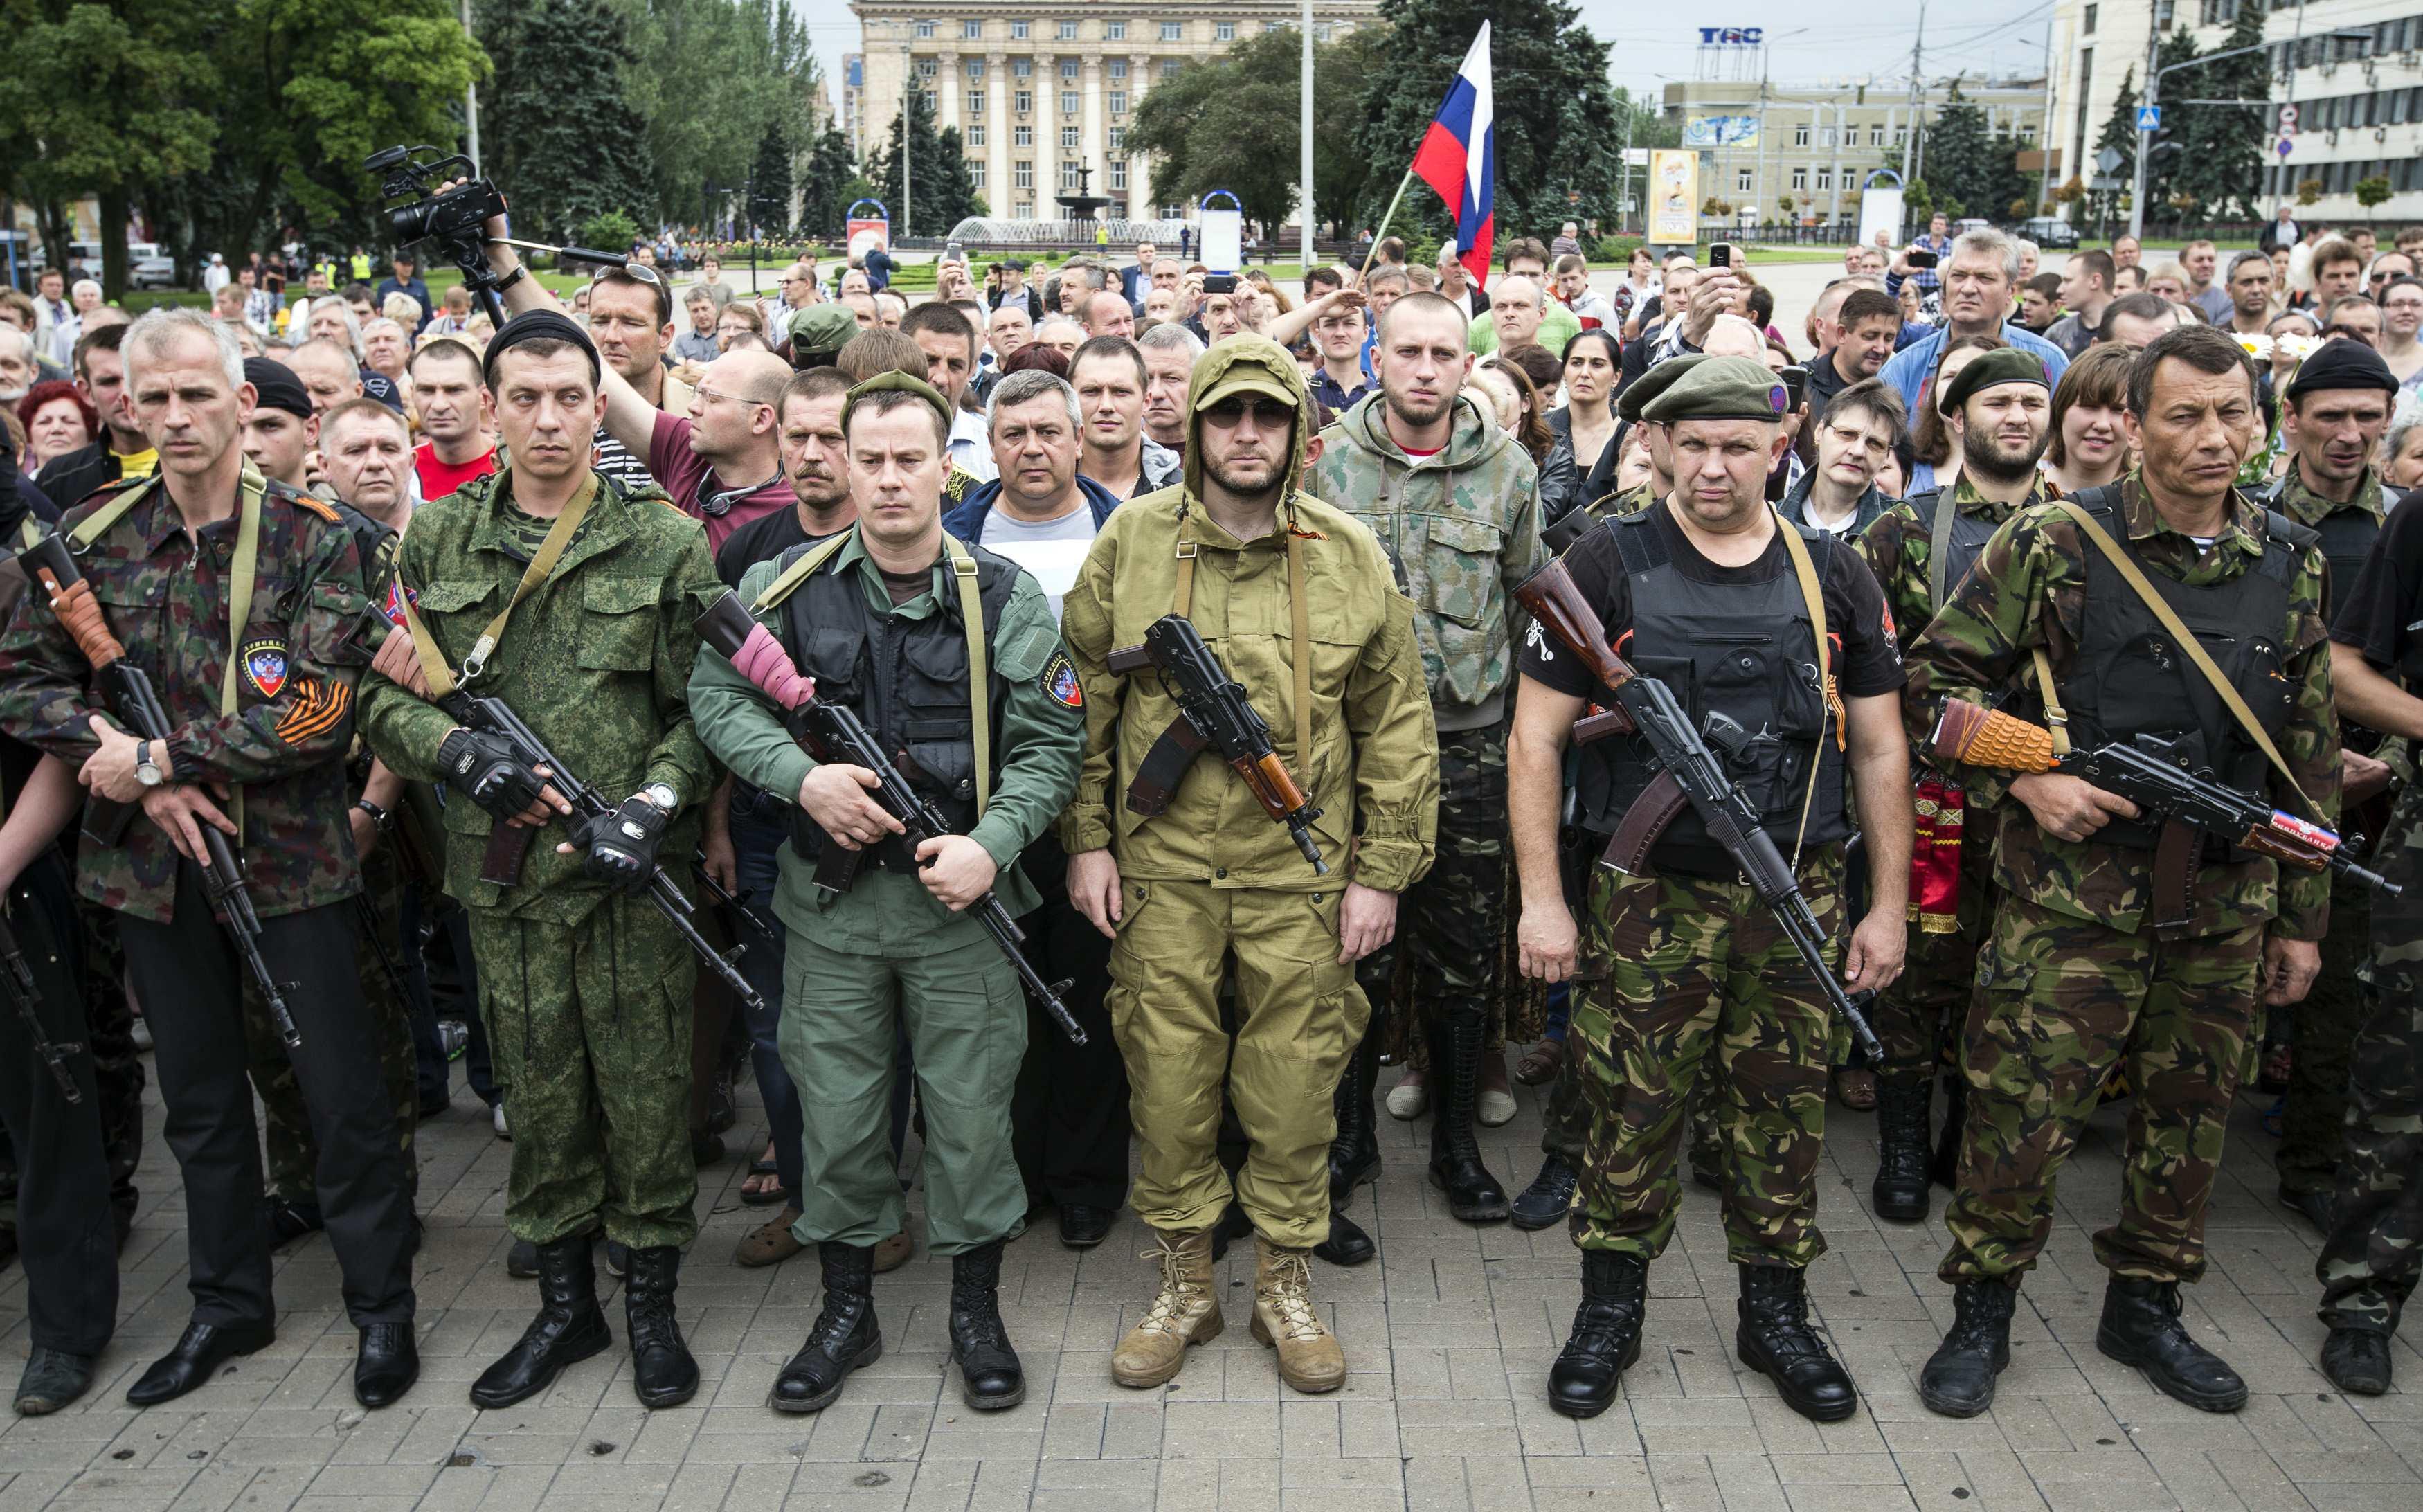 Украинцы хотят, чтобы Российскую Федерацию официально признали страной-оккупантом - результаты соцопроса